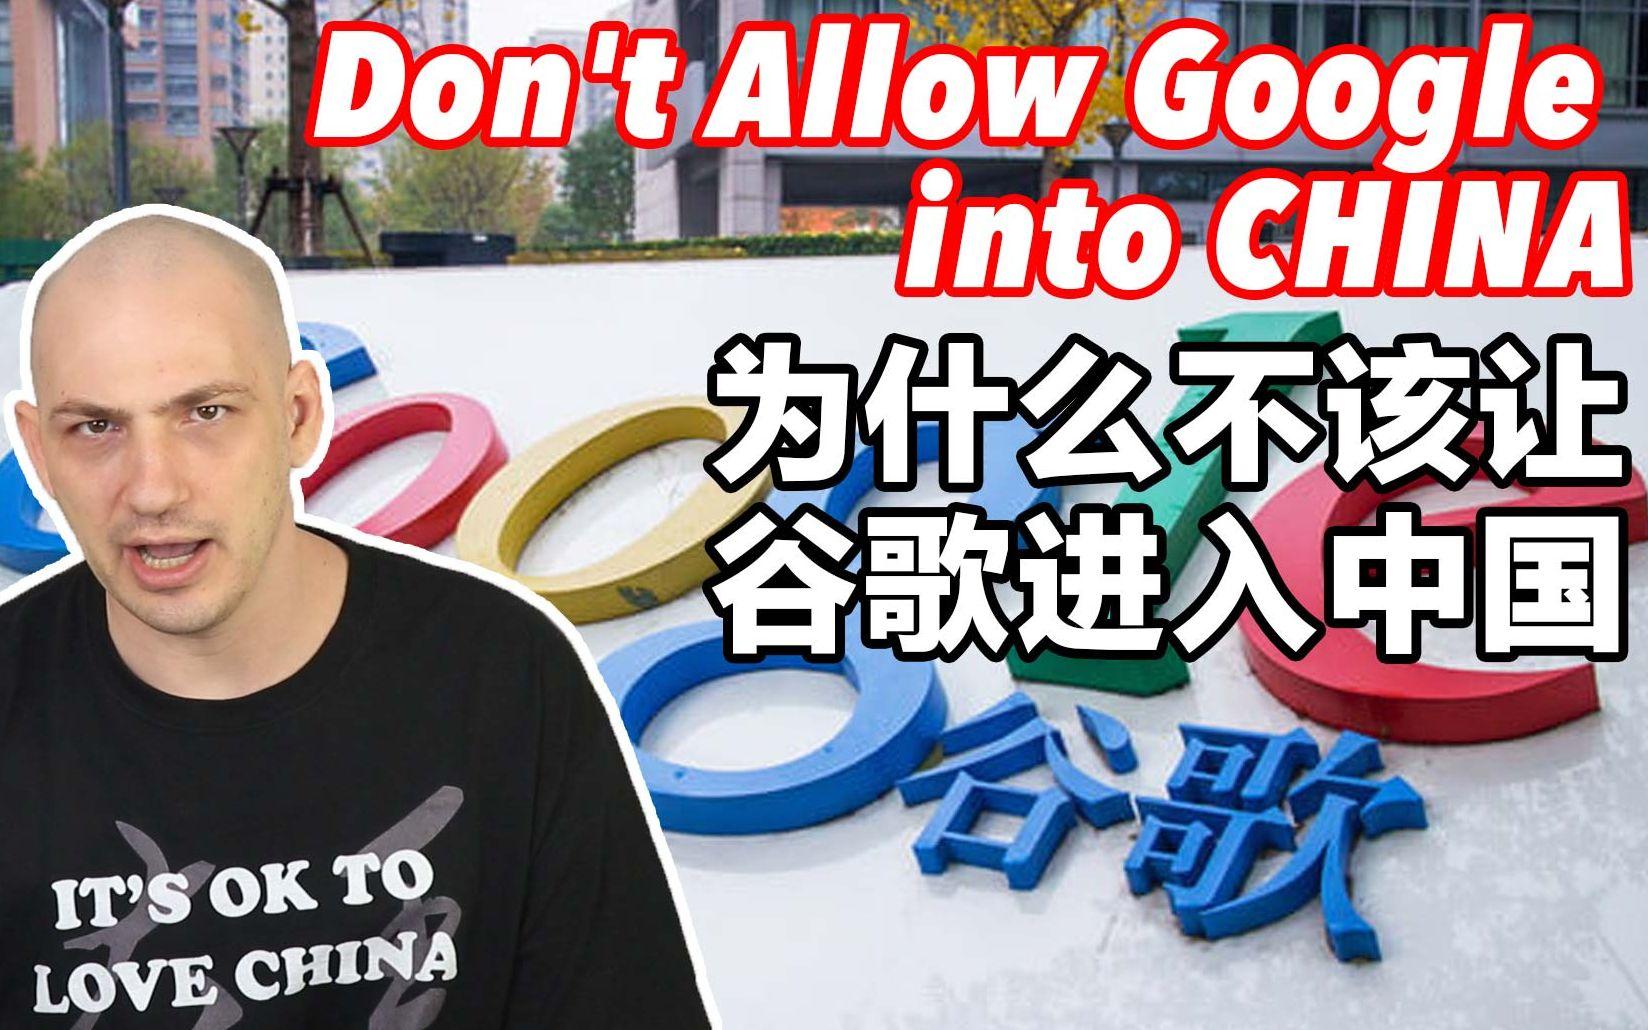 为什么不该让谷歌进入中国